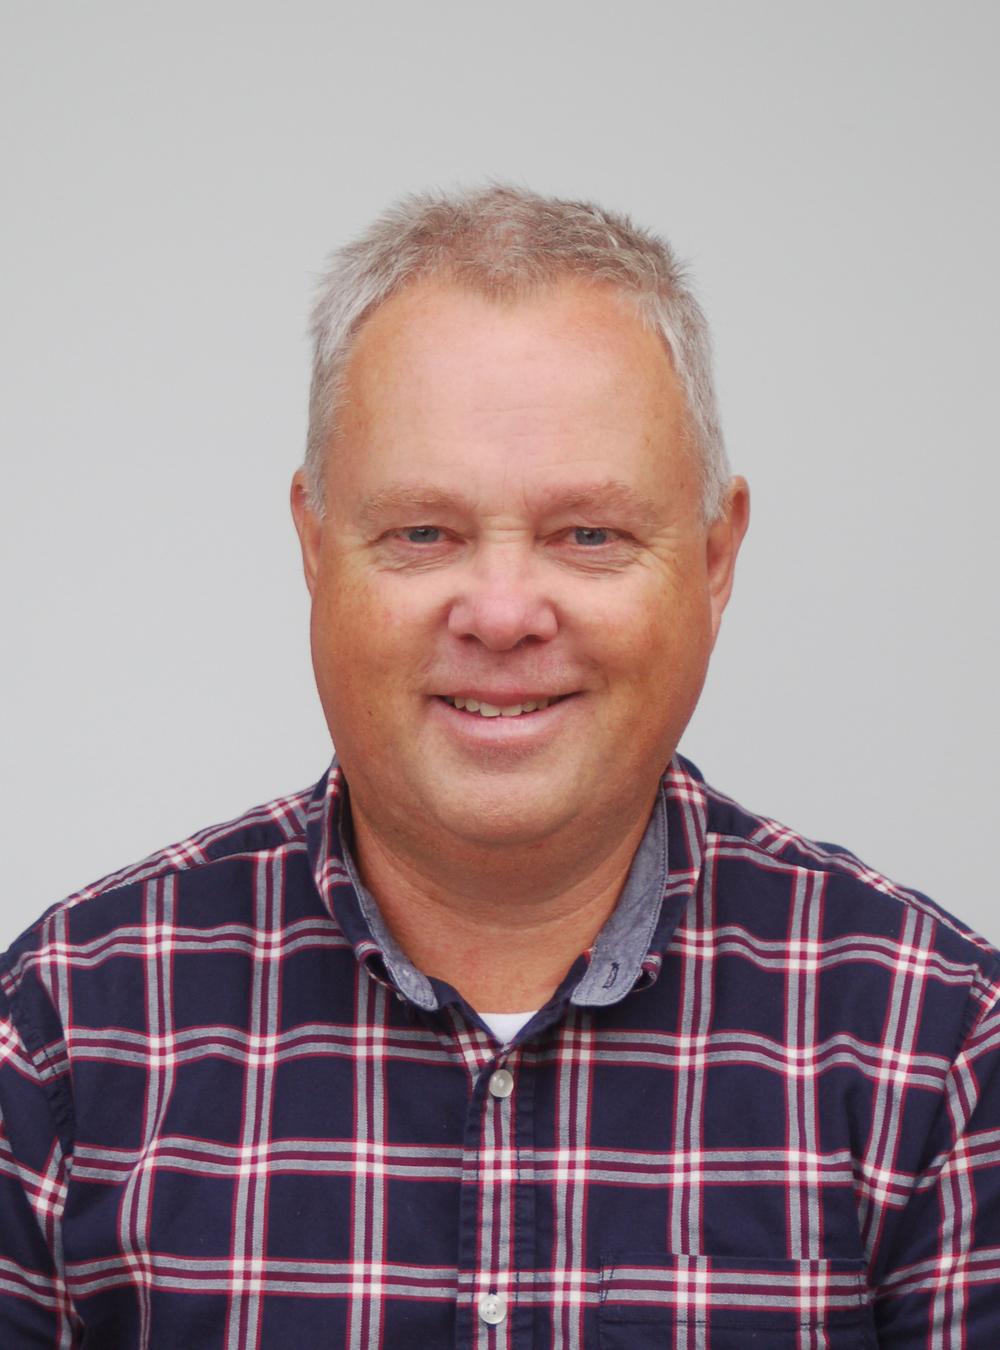 Bjørn Olav Nicolaisen Rektor. Underviser i musikk, sang, kor og filosofi/kritisk tenking. Spiller piano og gitar.